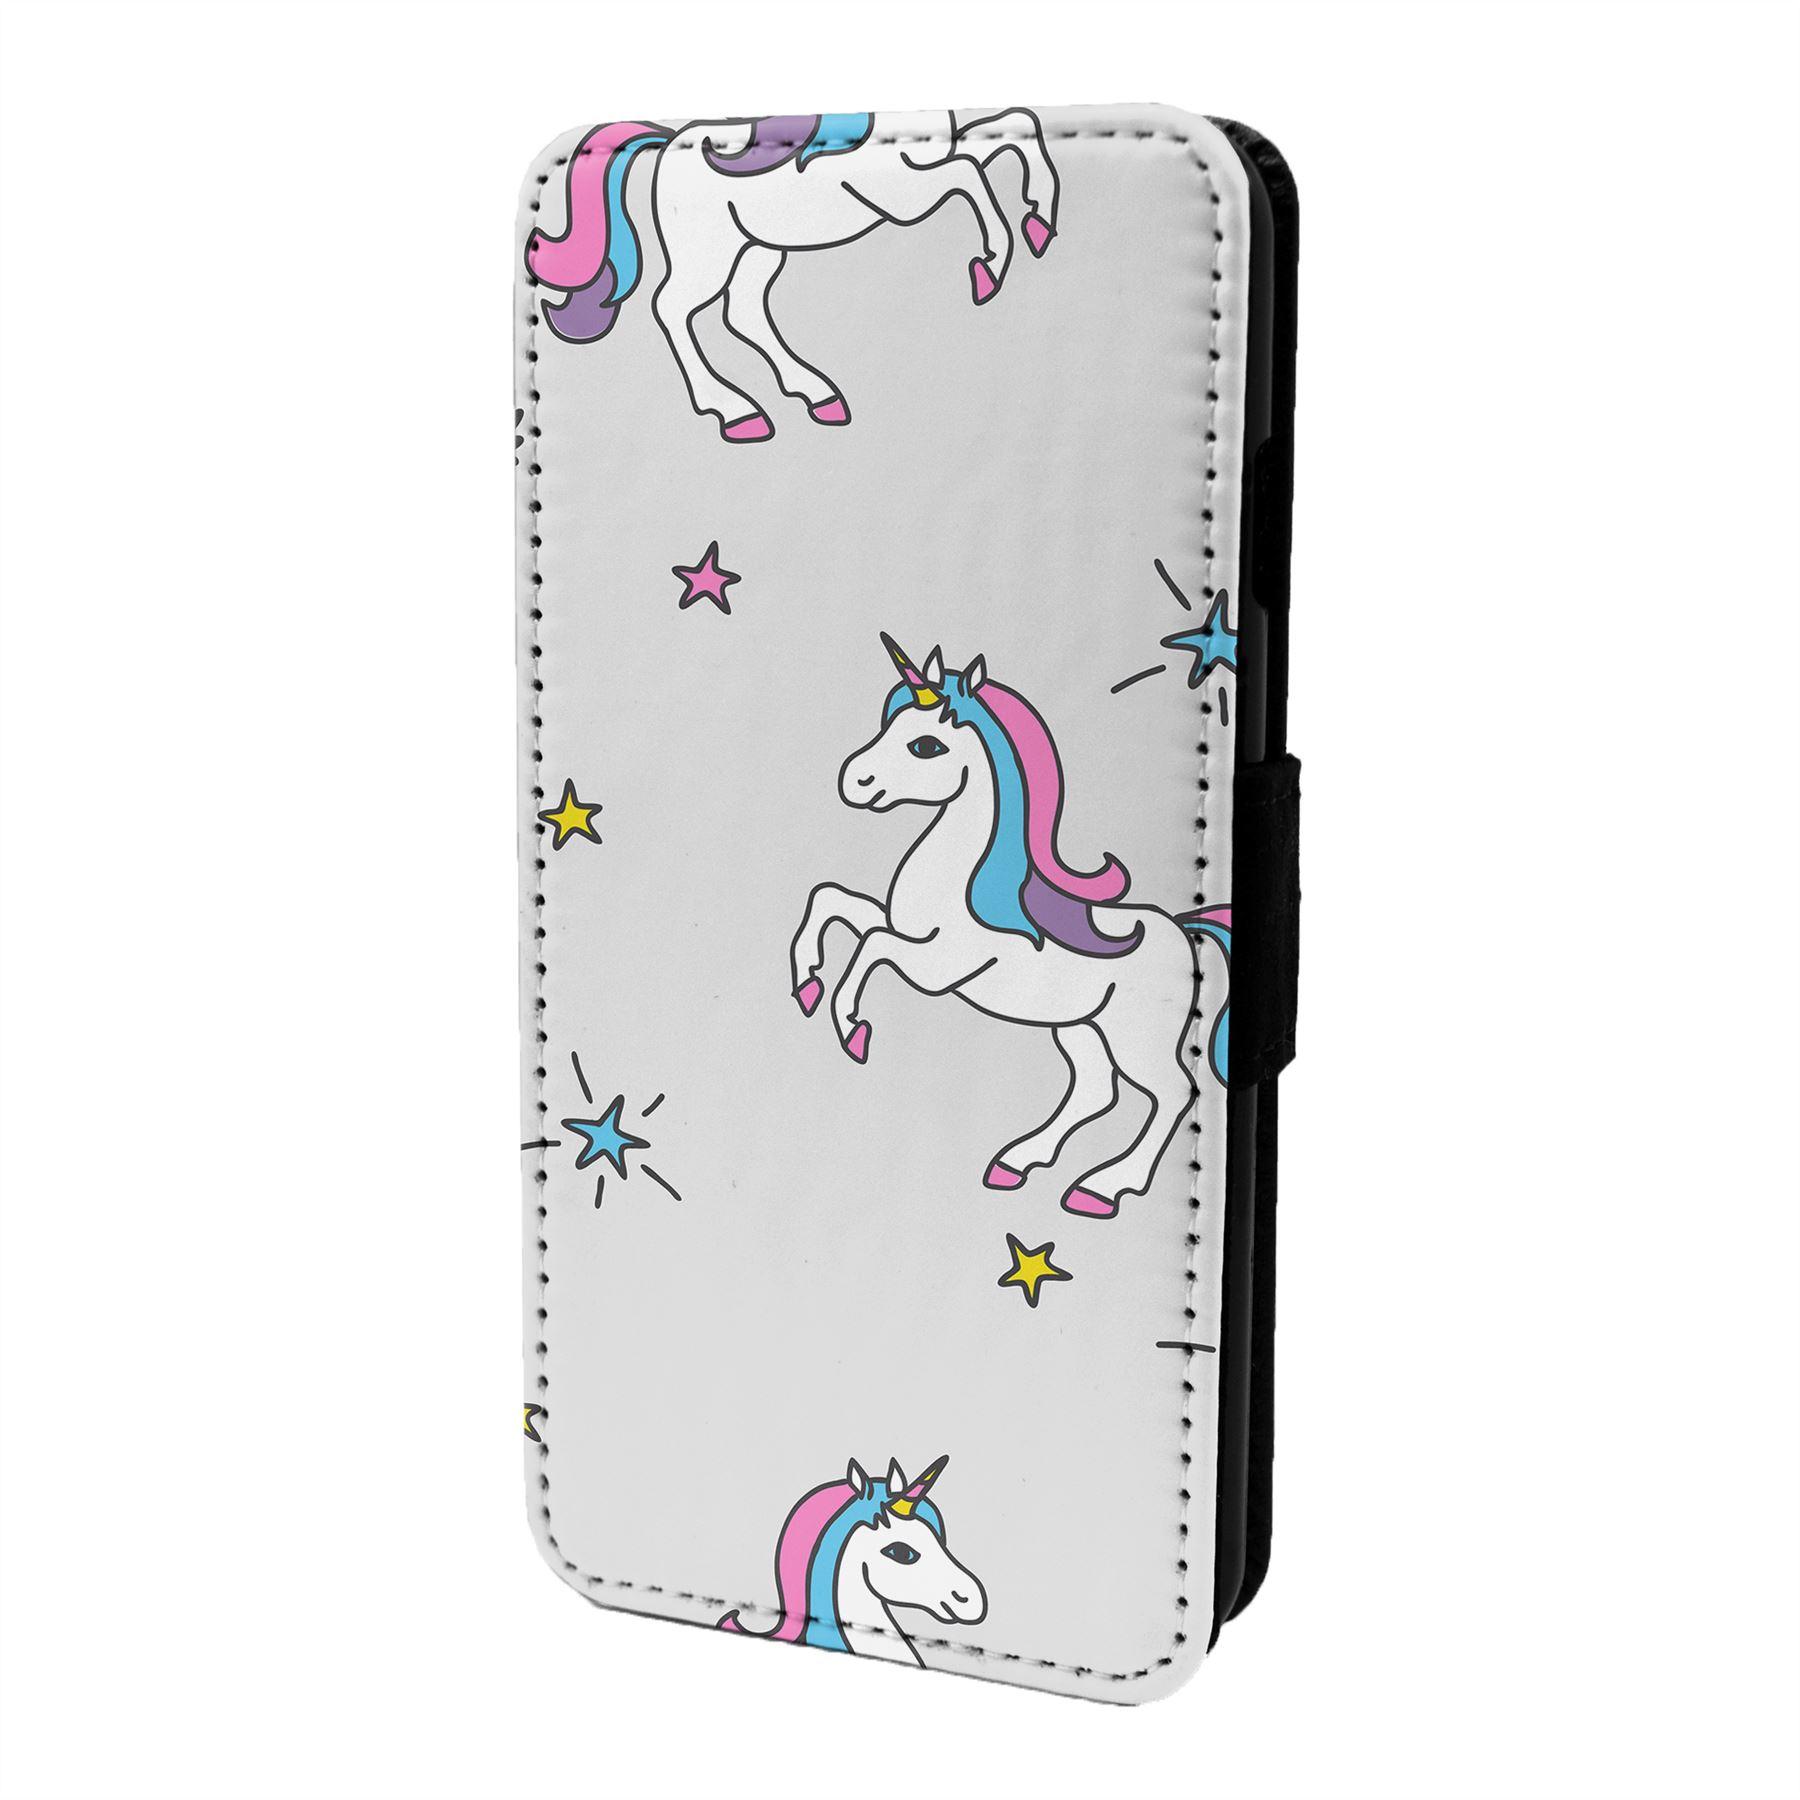 Fantasia-Unicornio-Estampado-Funda-Libro-para-Telefono-Movil-S6673